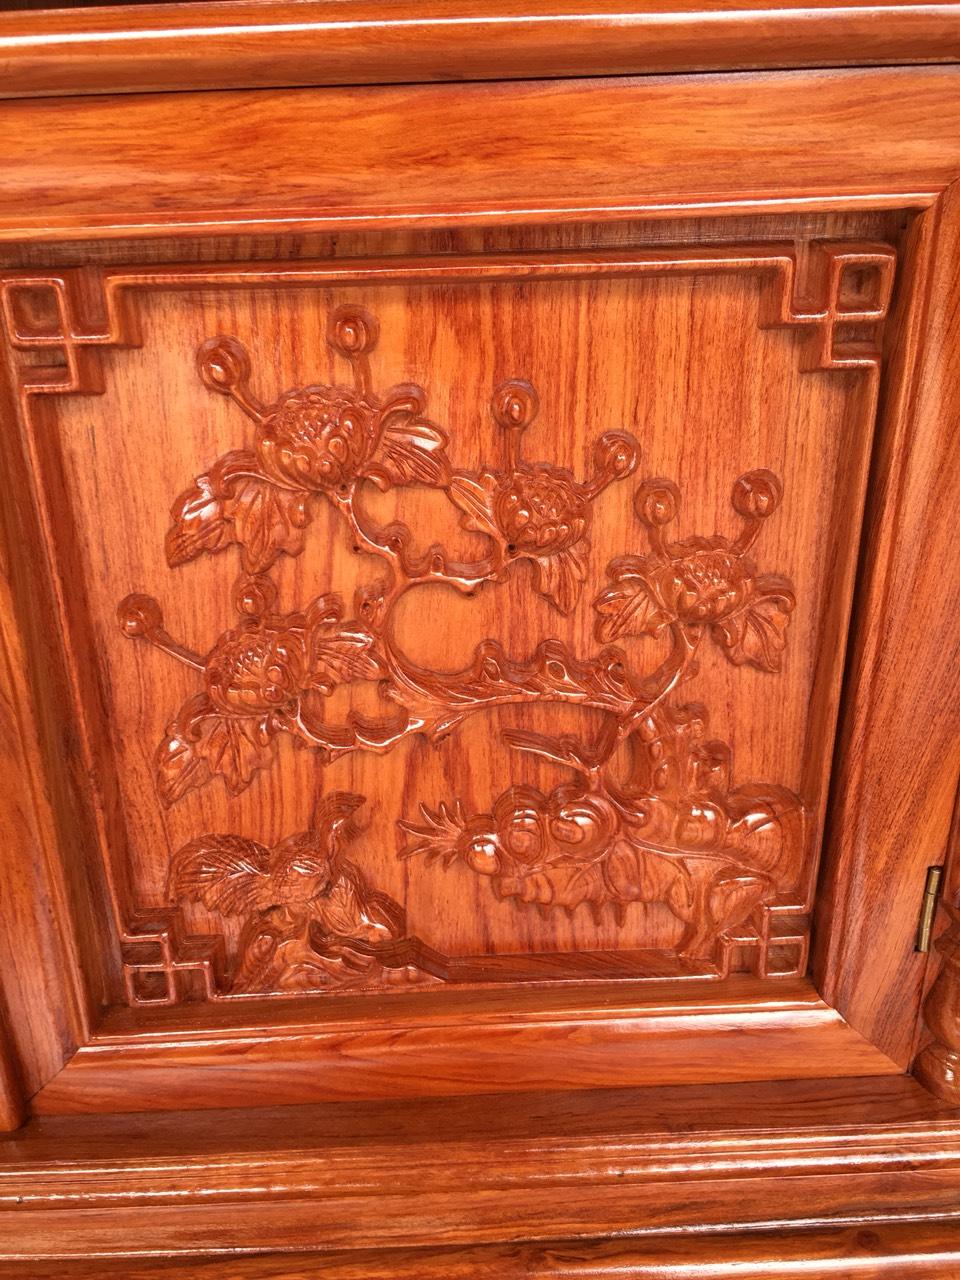 ke tivi go huong canh 25 1 - Kệ tivi cột nho gỗ hương đá dài 2m2 (cánh dày 2.5 phân)